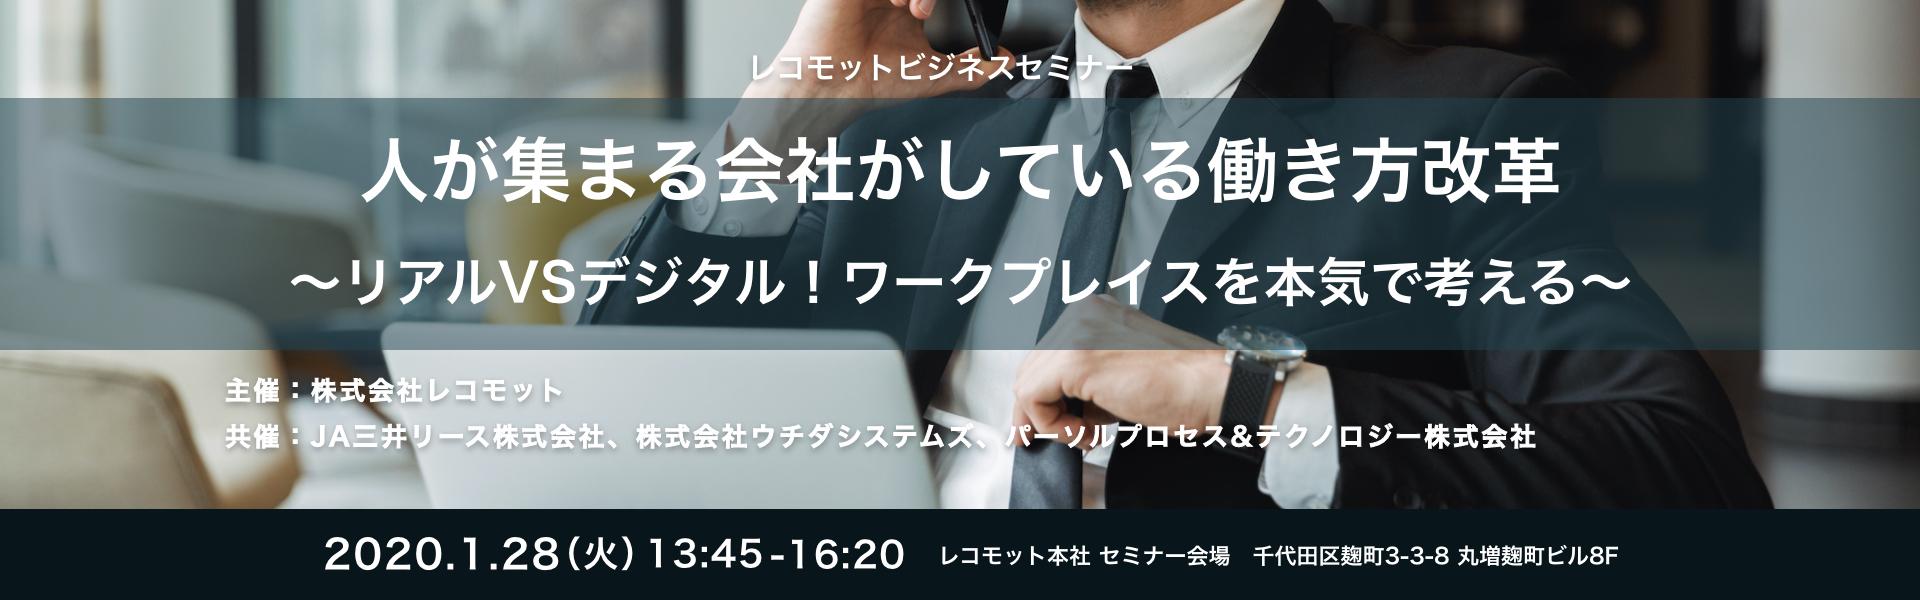 1月28日(火)開催 レコモットビジネスセミナー「人が集まる会社がしている働き方改革」のご案内